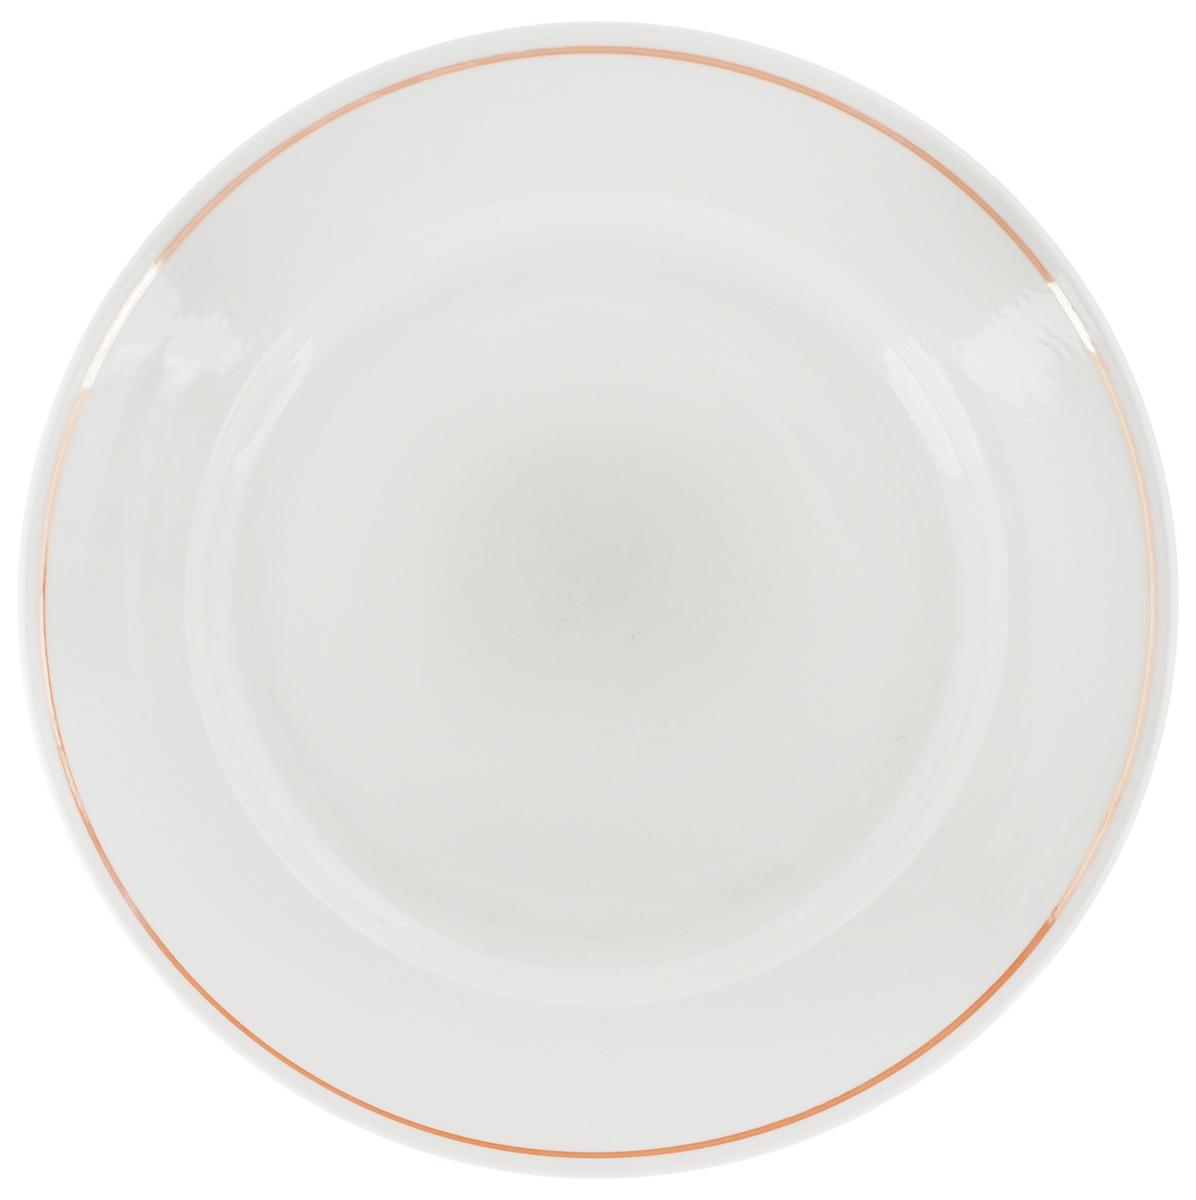 Тарелка Фарфор Вербилок, цвет: белый, коричневый, диаметр 23,5 см22591240Тарелка Фарфор Вербилок, изготовленная из высококачественного фарфора, имеет классическую круглую форму. Оригинальный дизайн придется по вкусу и ценителям классики, и тем, кто предпочитает утонченность. Тарелка Фарфор Вербилок идеально подойдет для сервировки стола и станет отличным подарком к любому празднику.